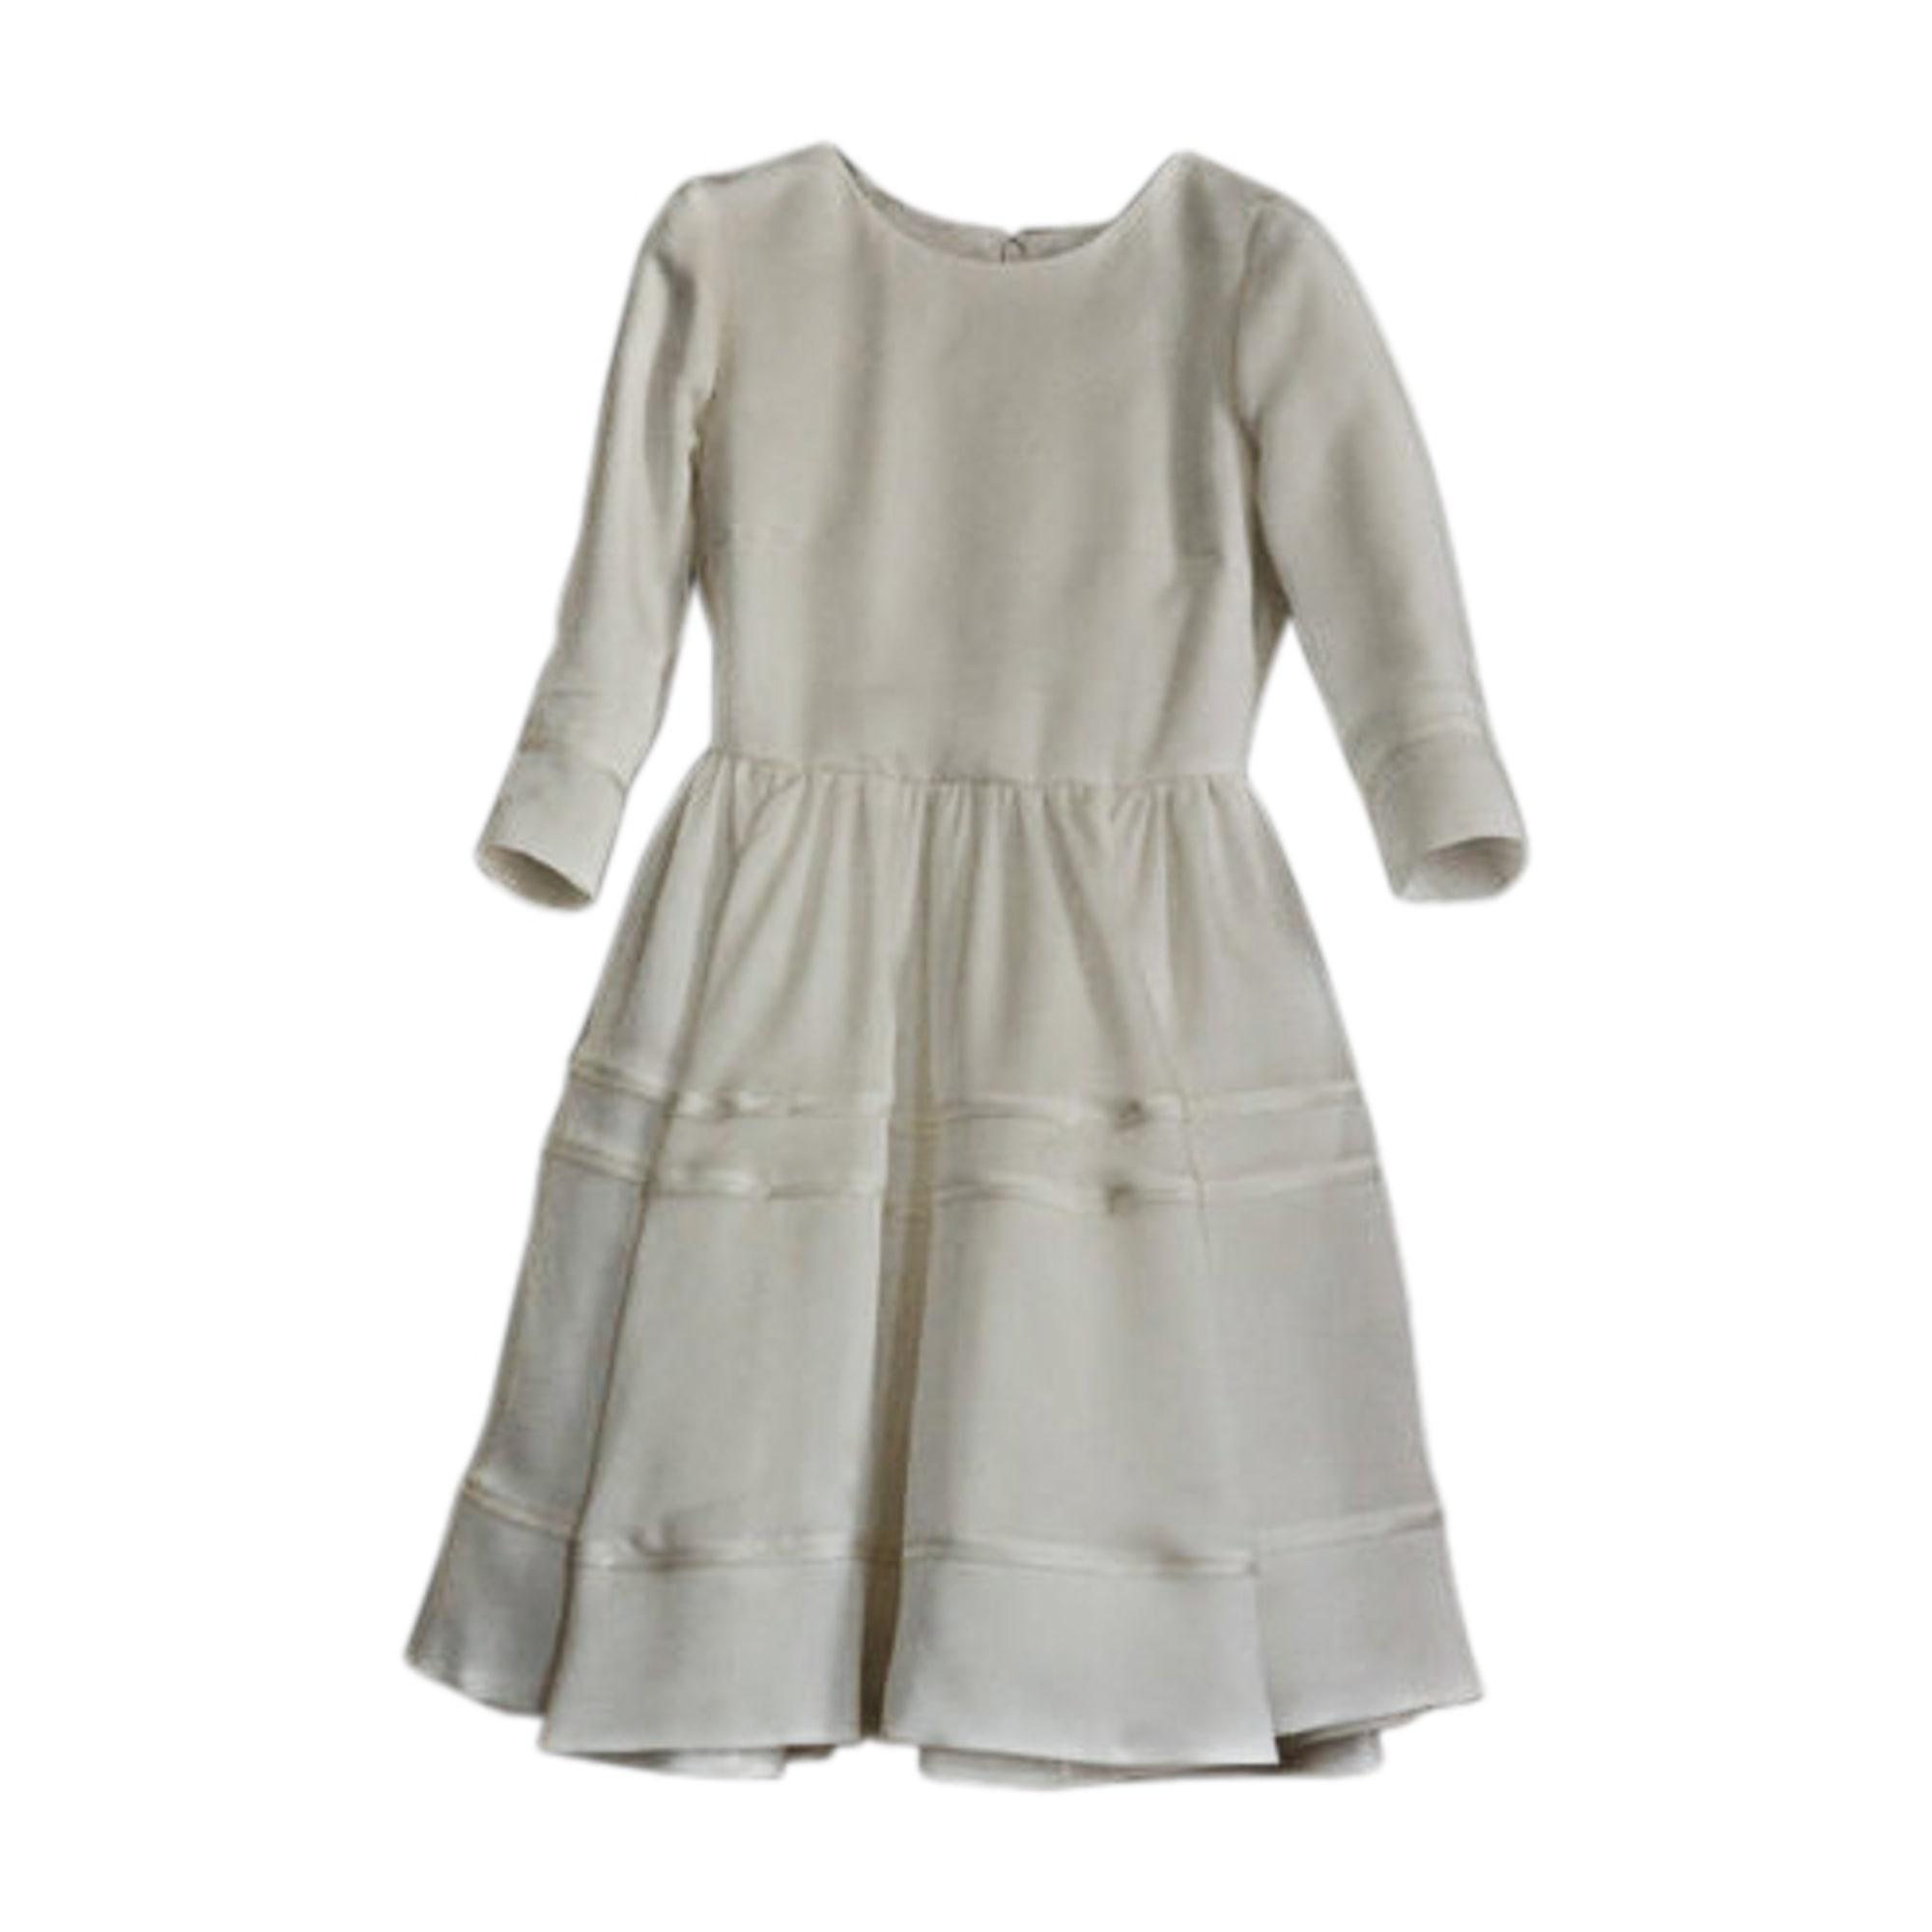 a25be55654d Robe de mariée DELPHINE MANIVET 36 (S